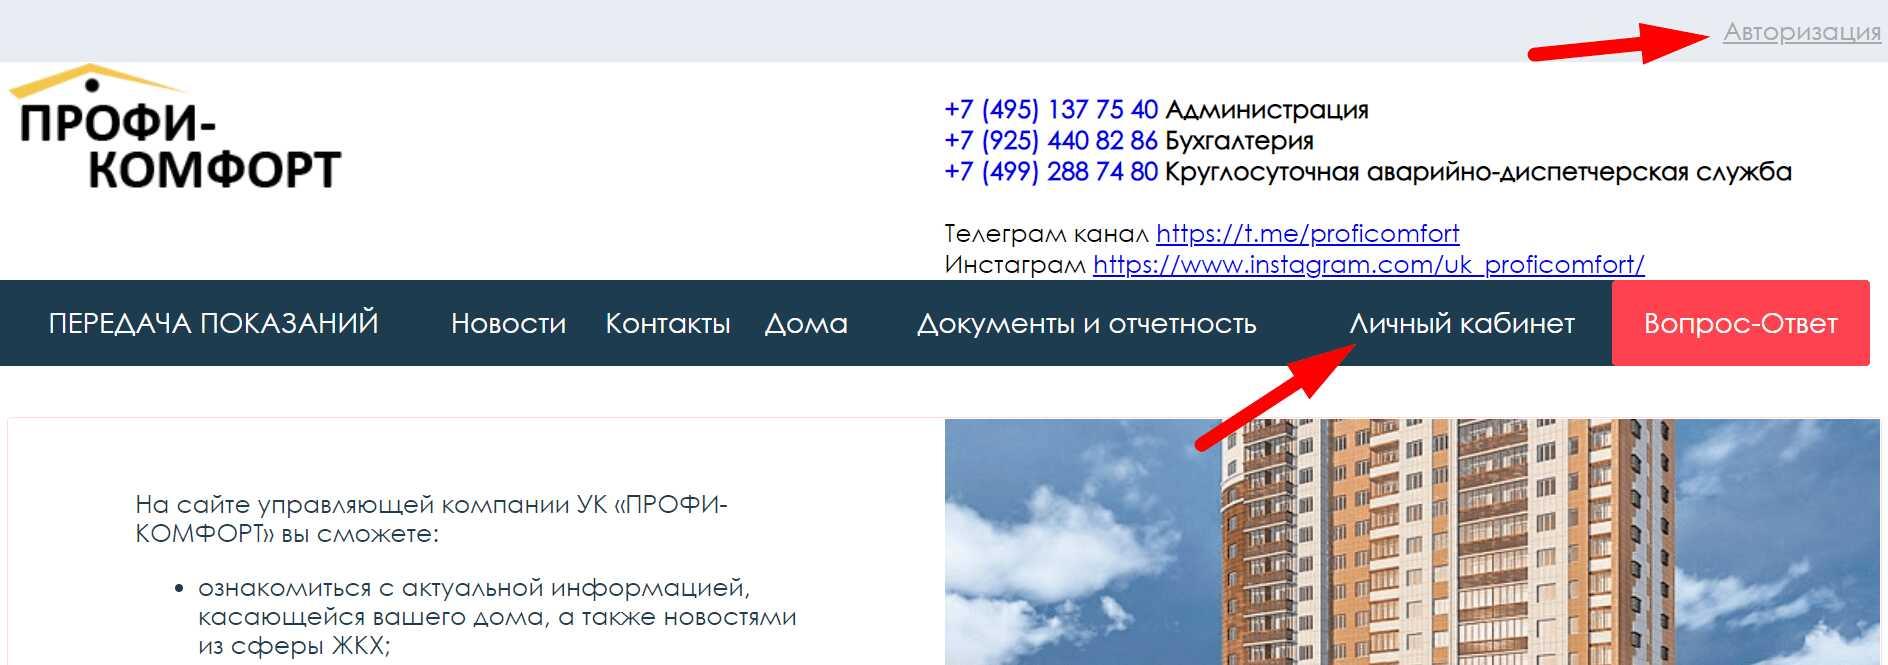 Официальный сайт управляющей компании «ПРОФИ-КОМФОРТ»